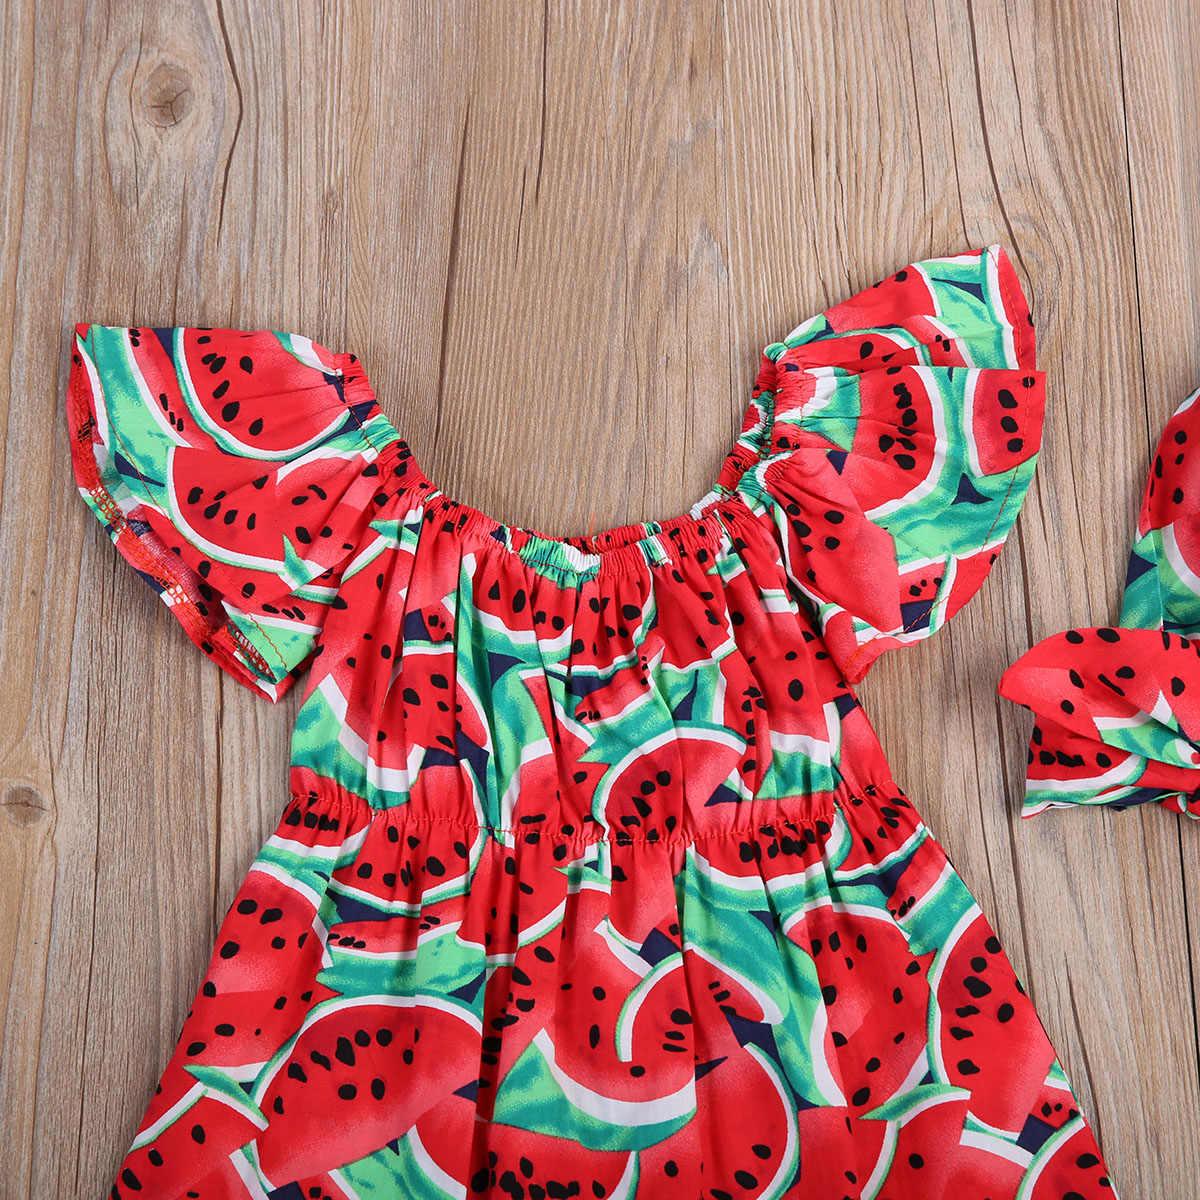 Mùa hè Dưa Hấu Cho Trẻ Sơ Sinh Bé Gái Hoa Lệch Vai Nữ Tay Ngắn Bodysuit Áo Liền Quần Bộ Trang Phục Playsuit Quần Áo Bé Gái